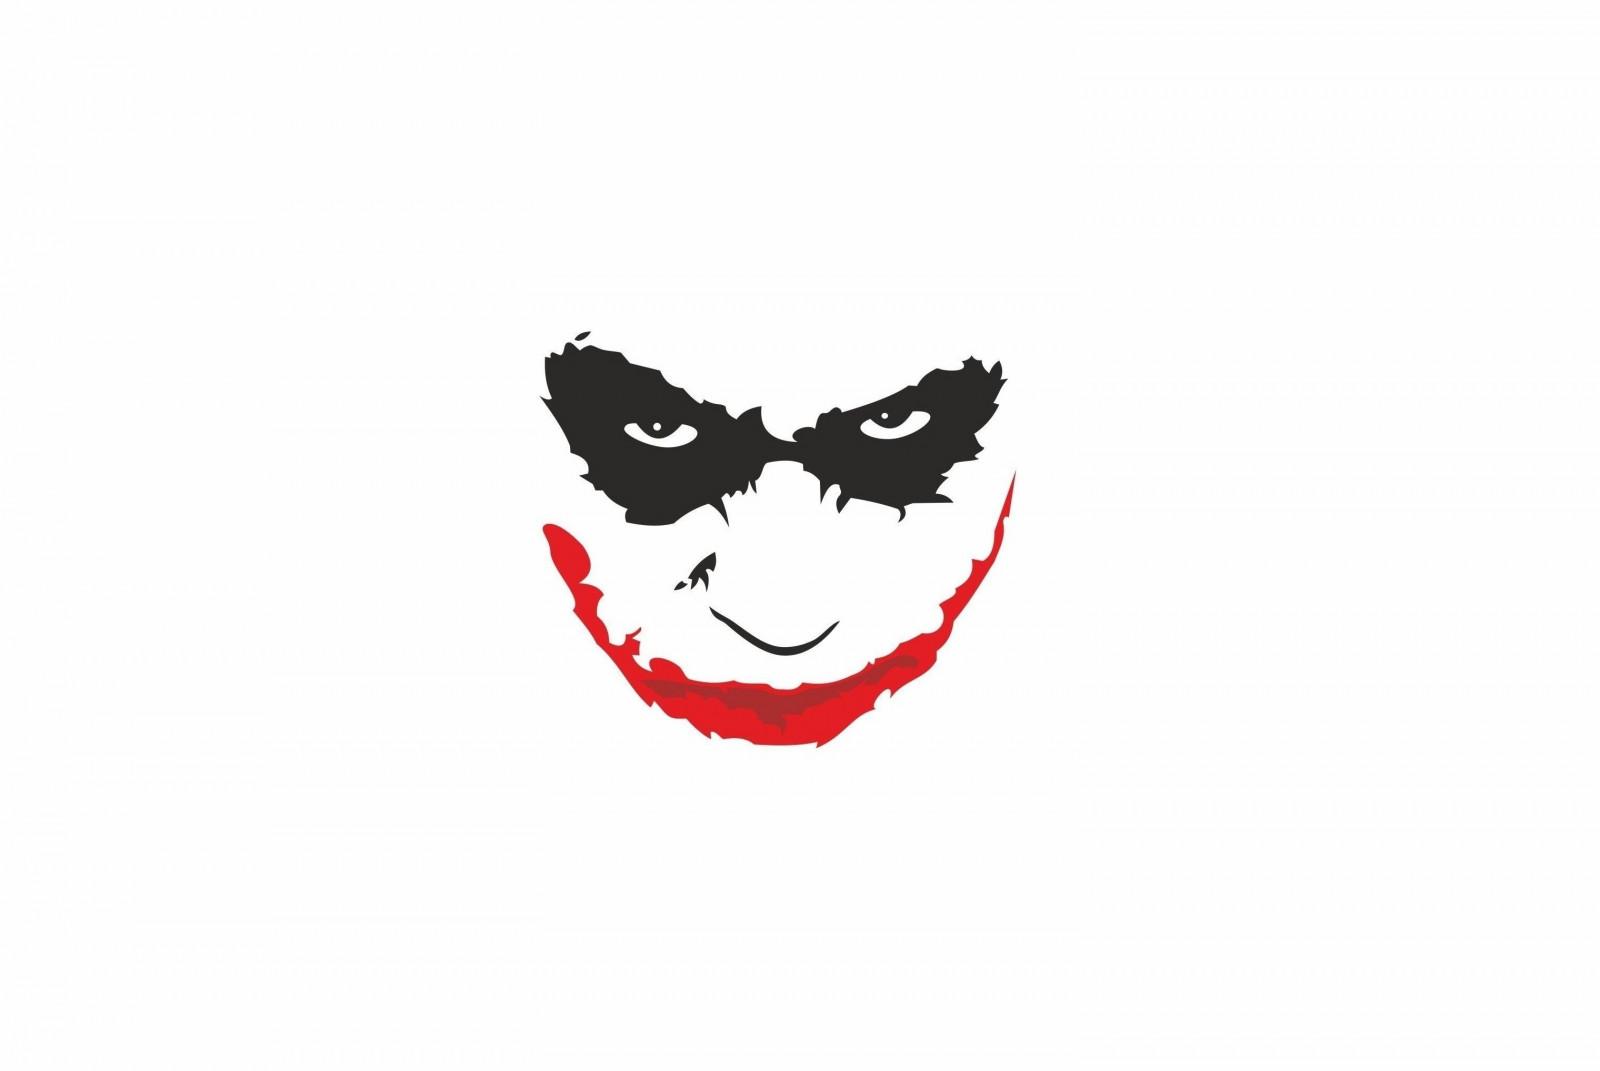 Wallpaper Pelawak Latar Belakang Putih Logo Tersenyum Gambar